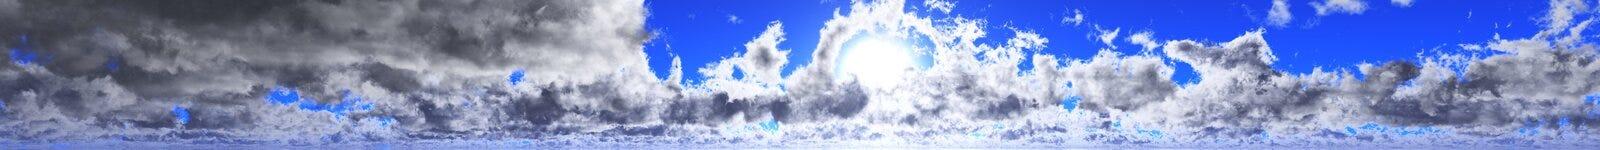 Panorama delle nuvole, il sole fra le nuvole fotografia stock libera da diritti